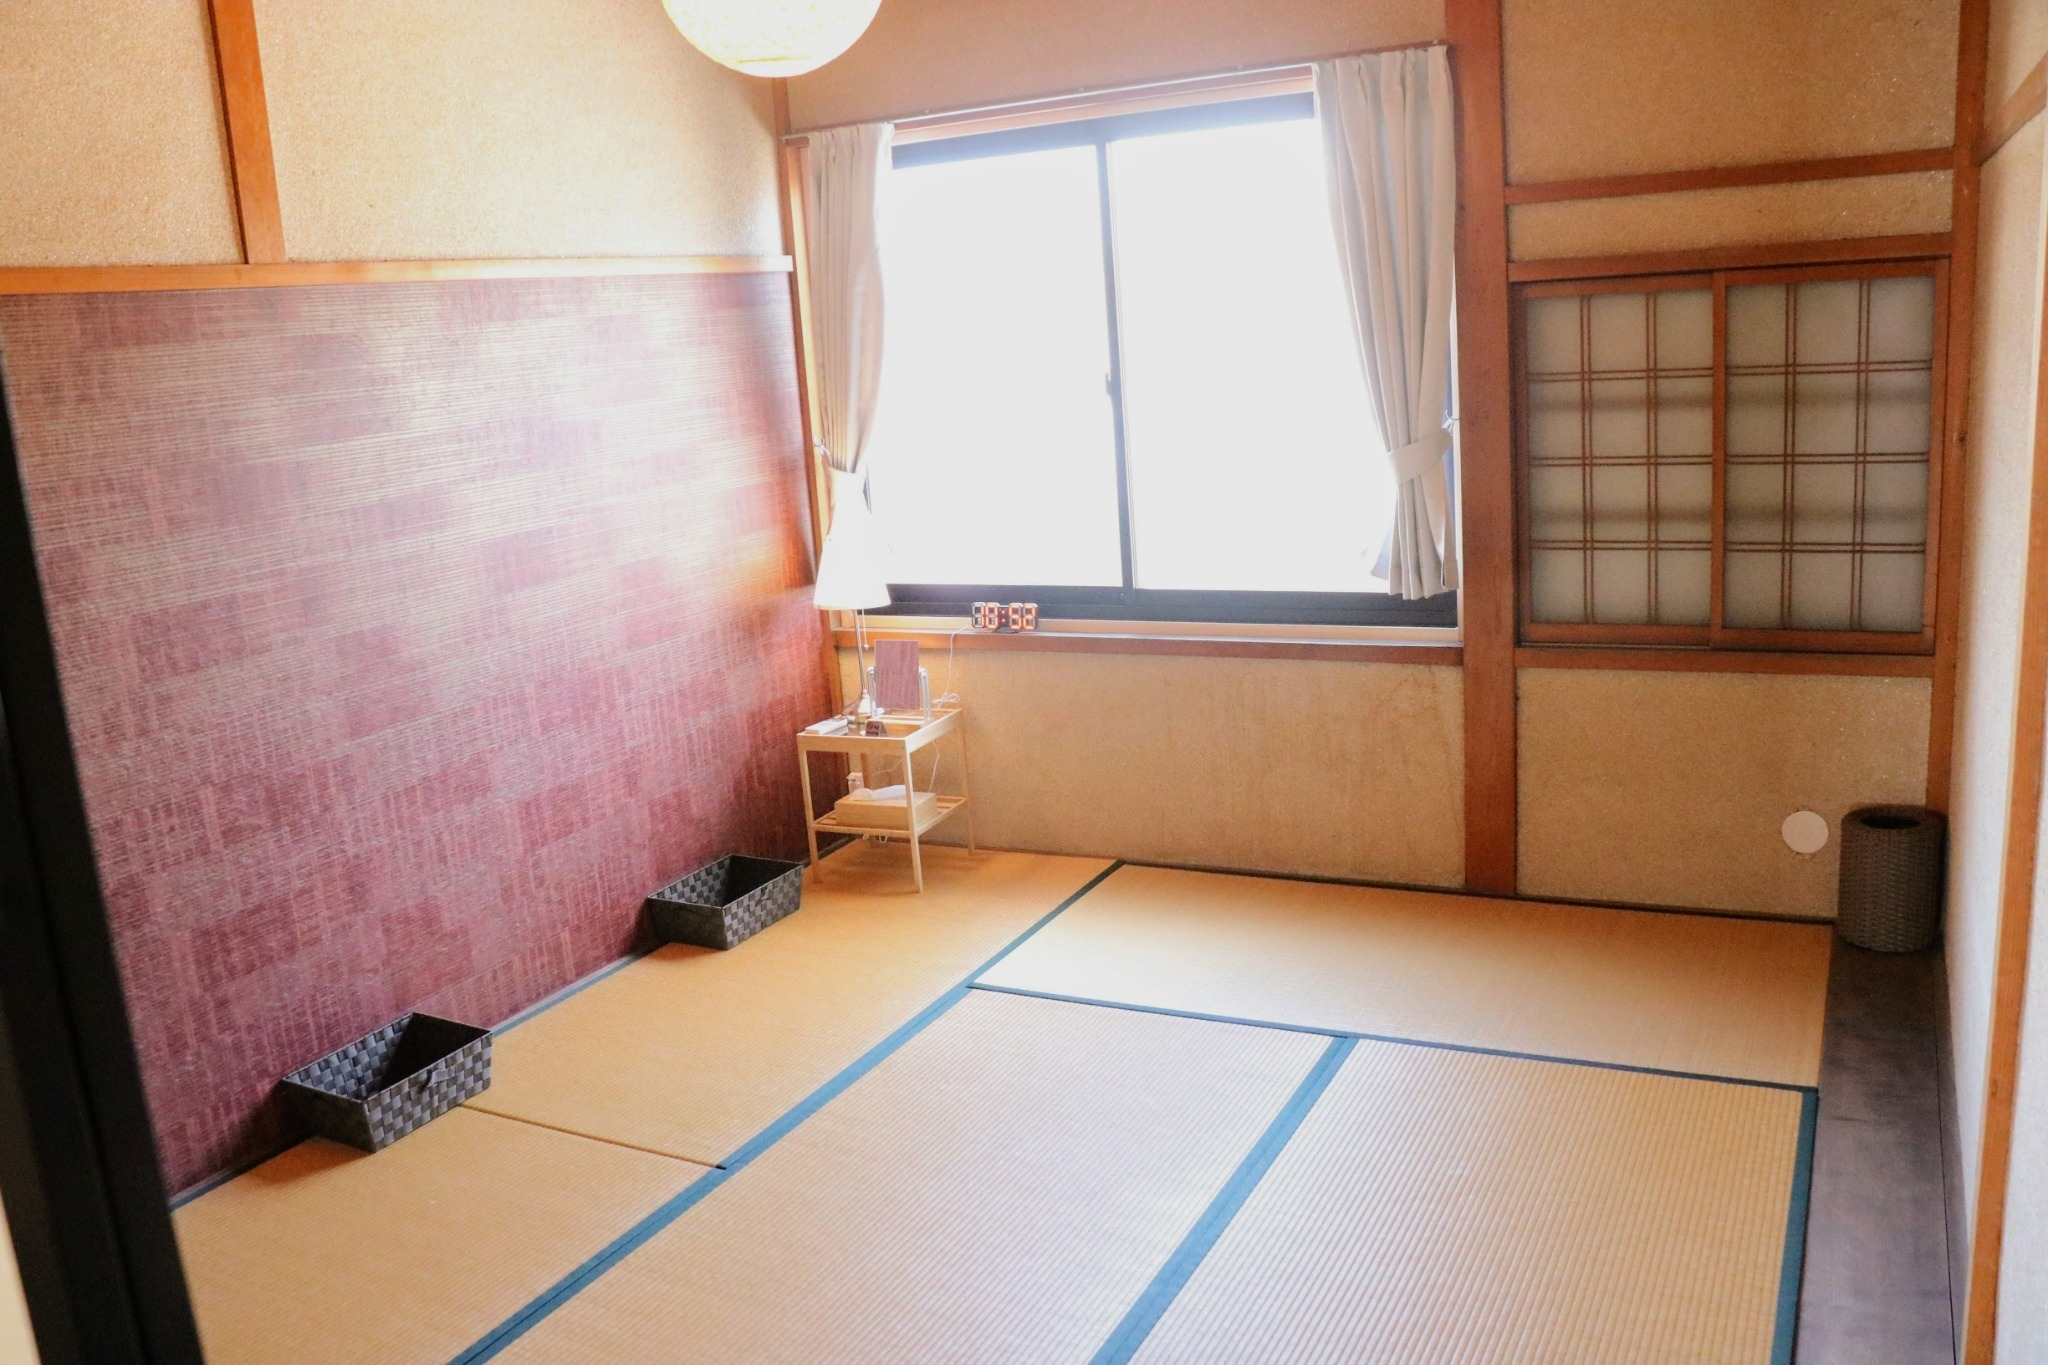 鍵付き和個室(ふとん・最大3名), 海まで徒歩2分, Wifi, シャワー, キッチン完備